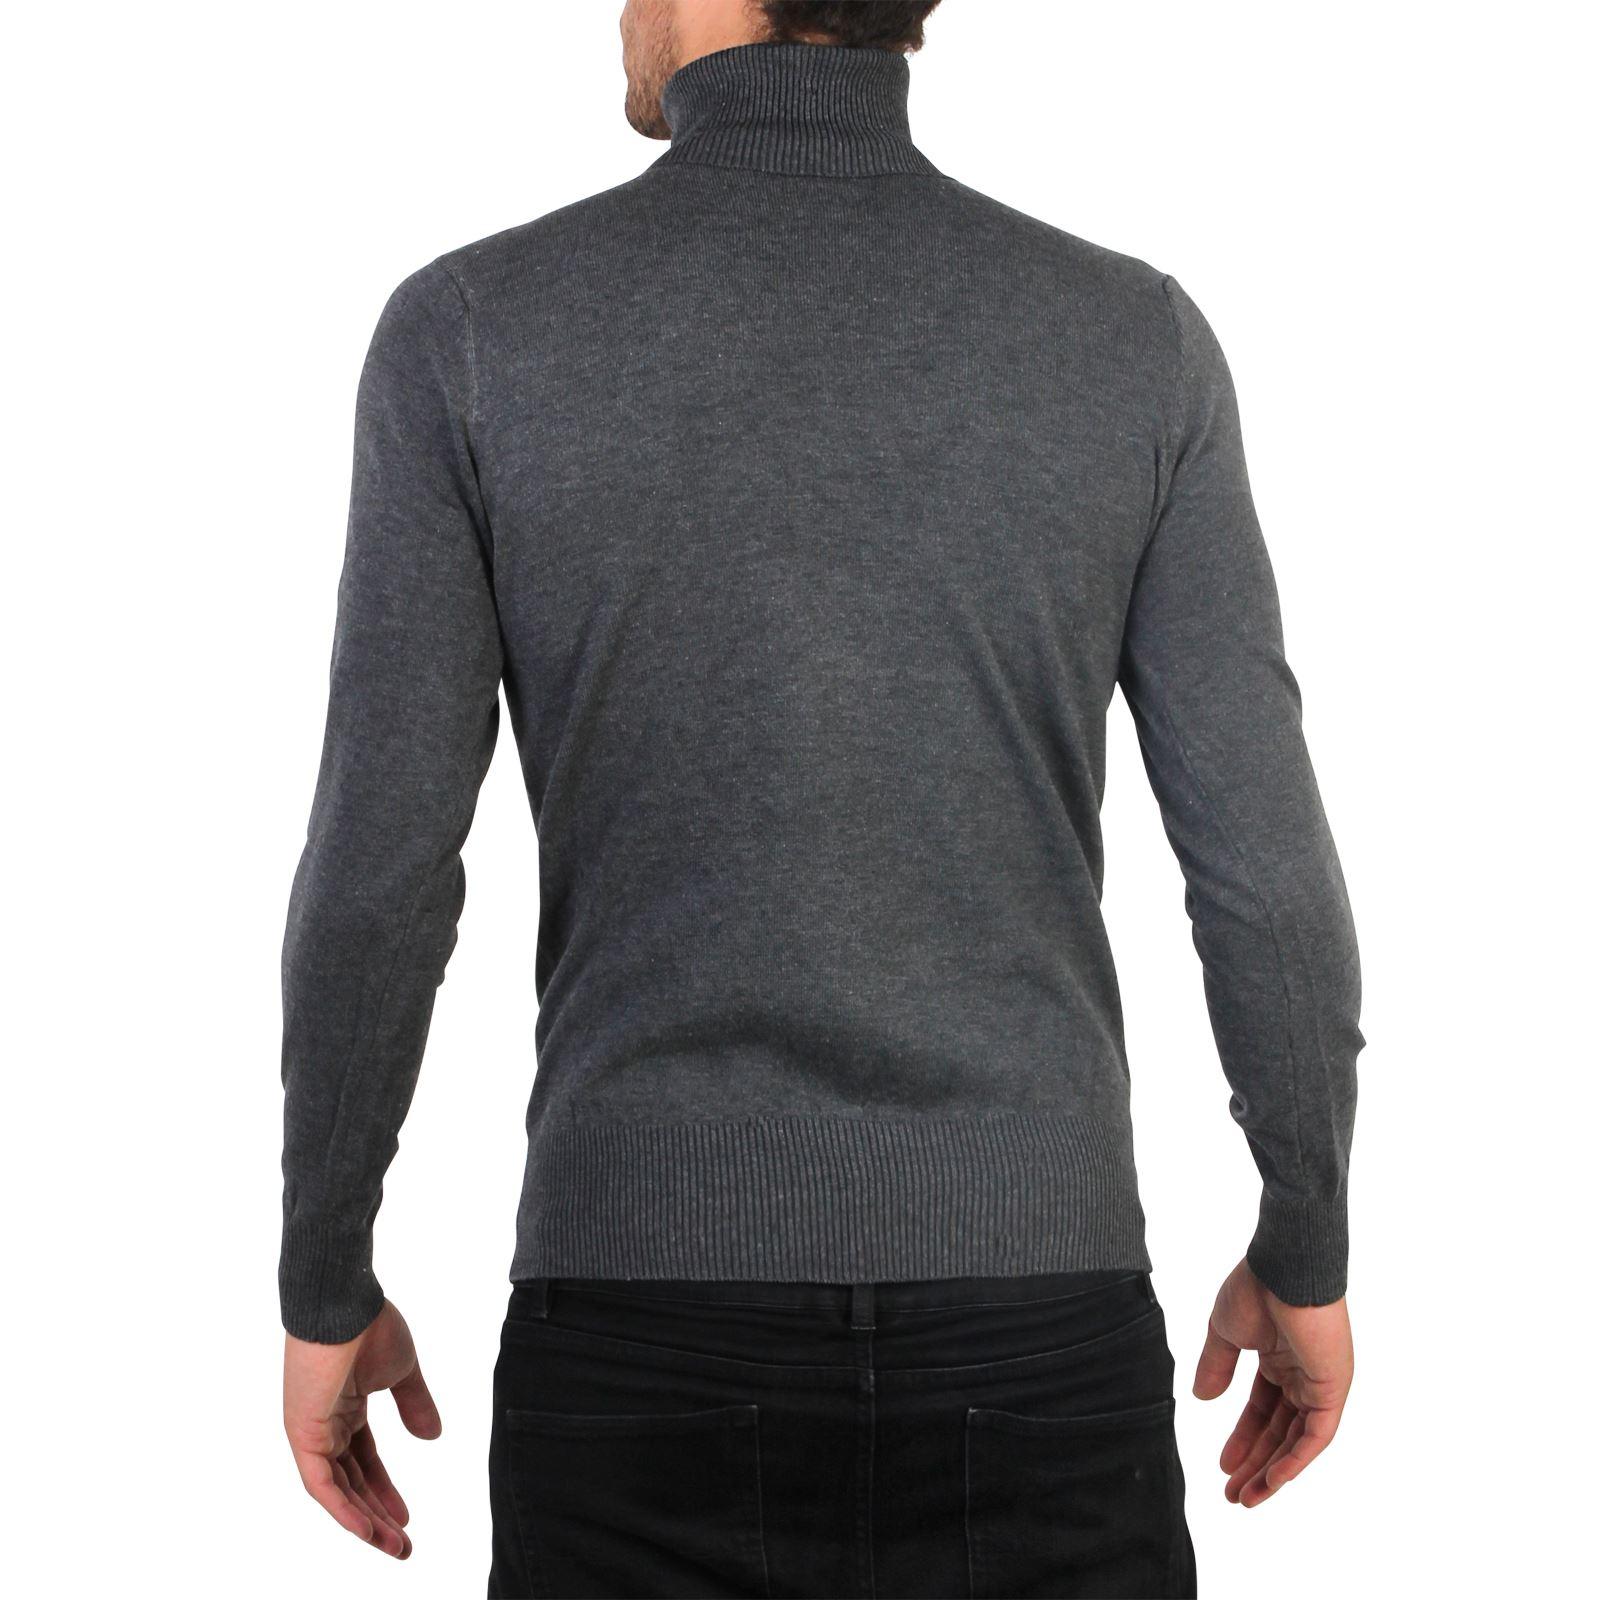 Hommes-Pull-Col-Roule-Uni-Classique-Manche-Longue-Polo-T-Shirt-Slim-Fit-Coton miniature 3